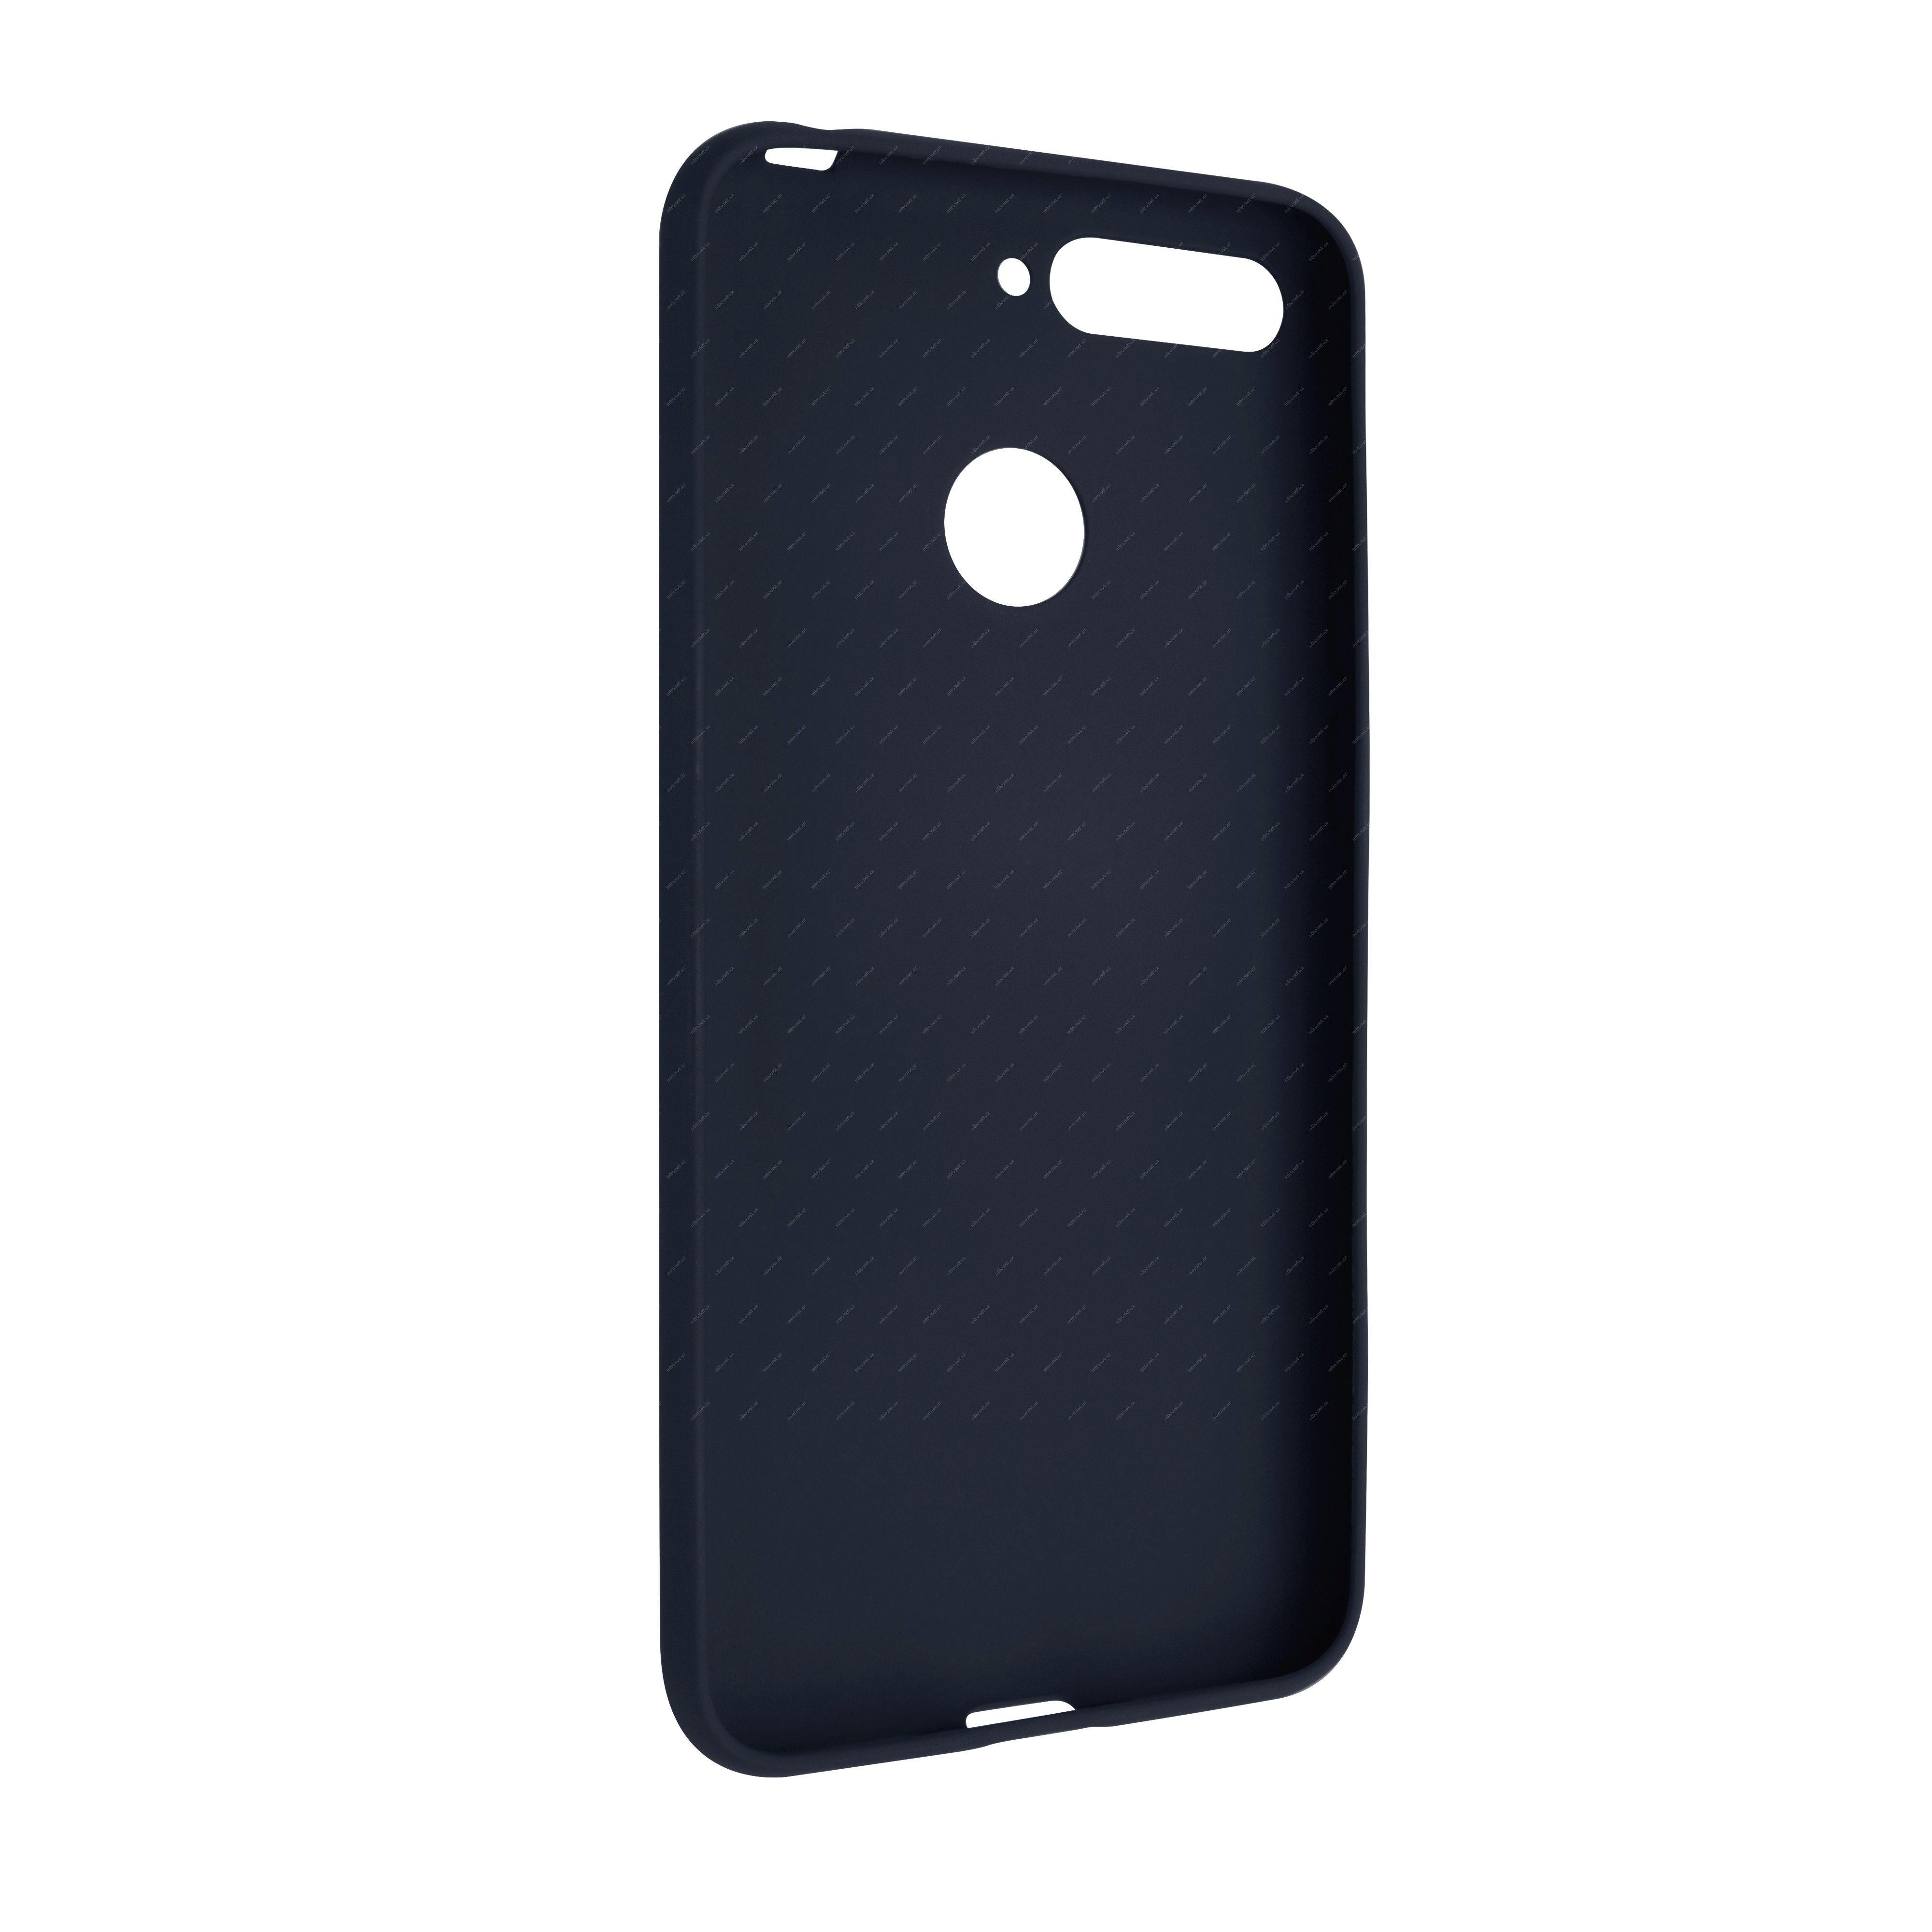 69415953 - FIXED Story Zadní silikonový kryt pro Huawei Y6 Prime (2018)  modrá 31057590eb9